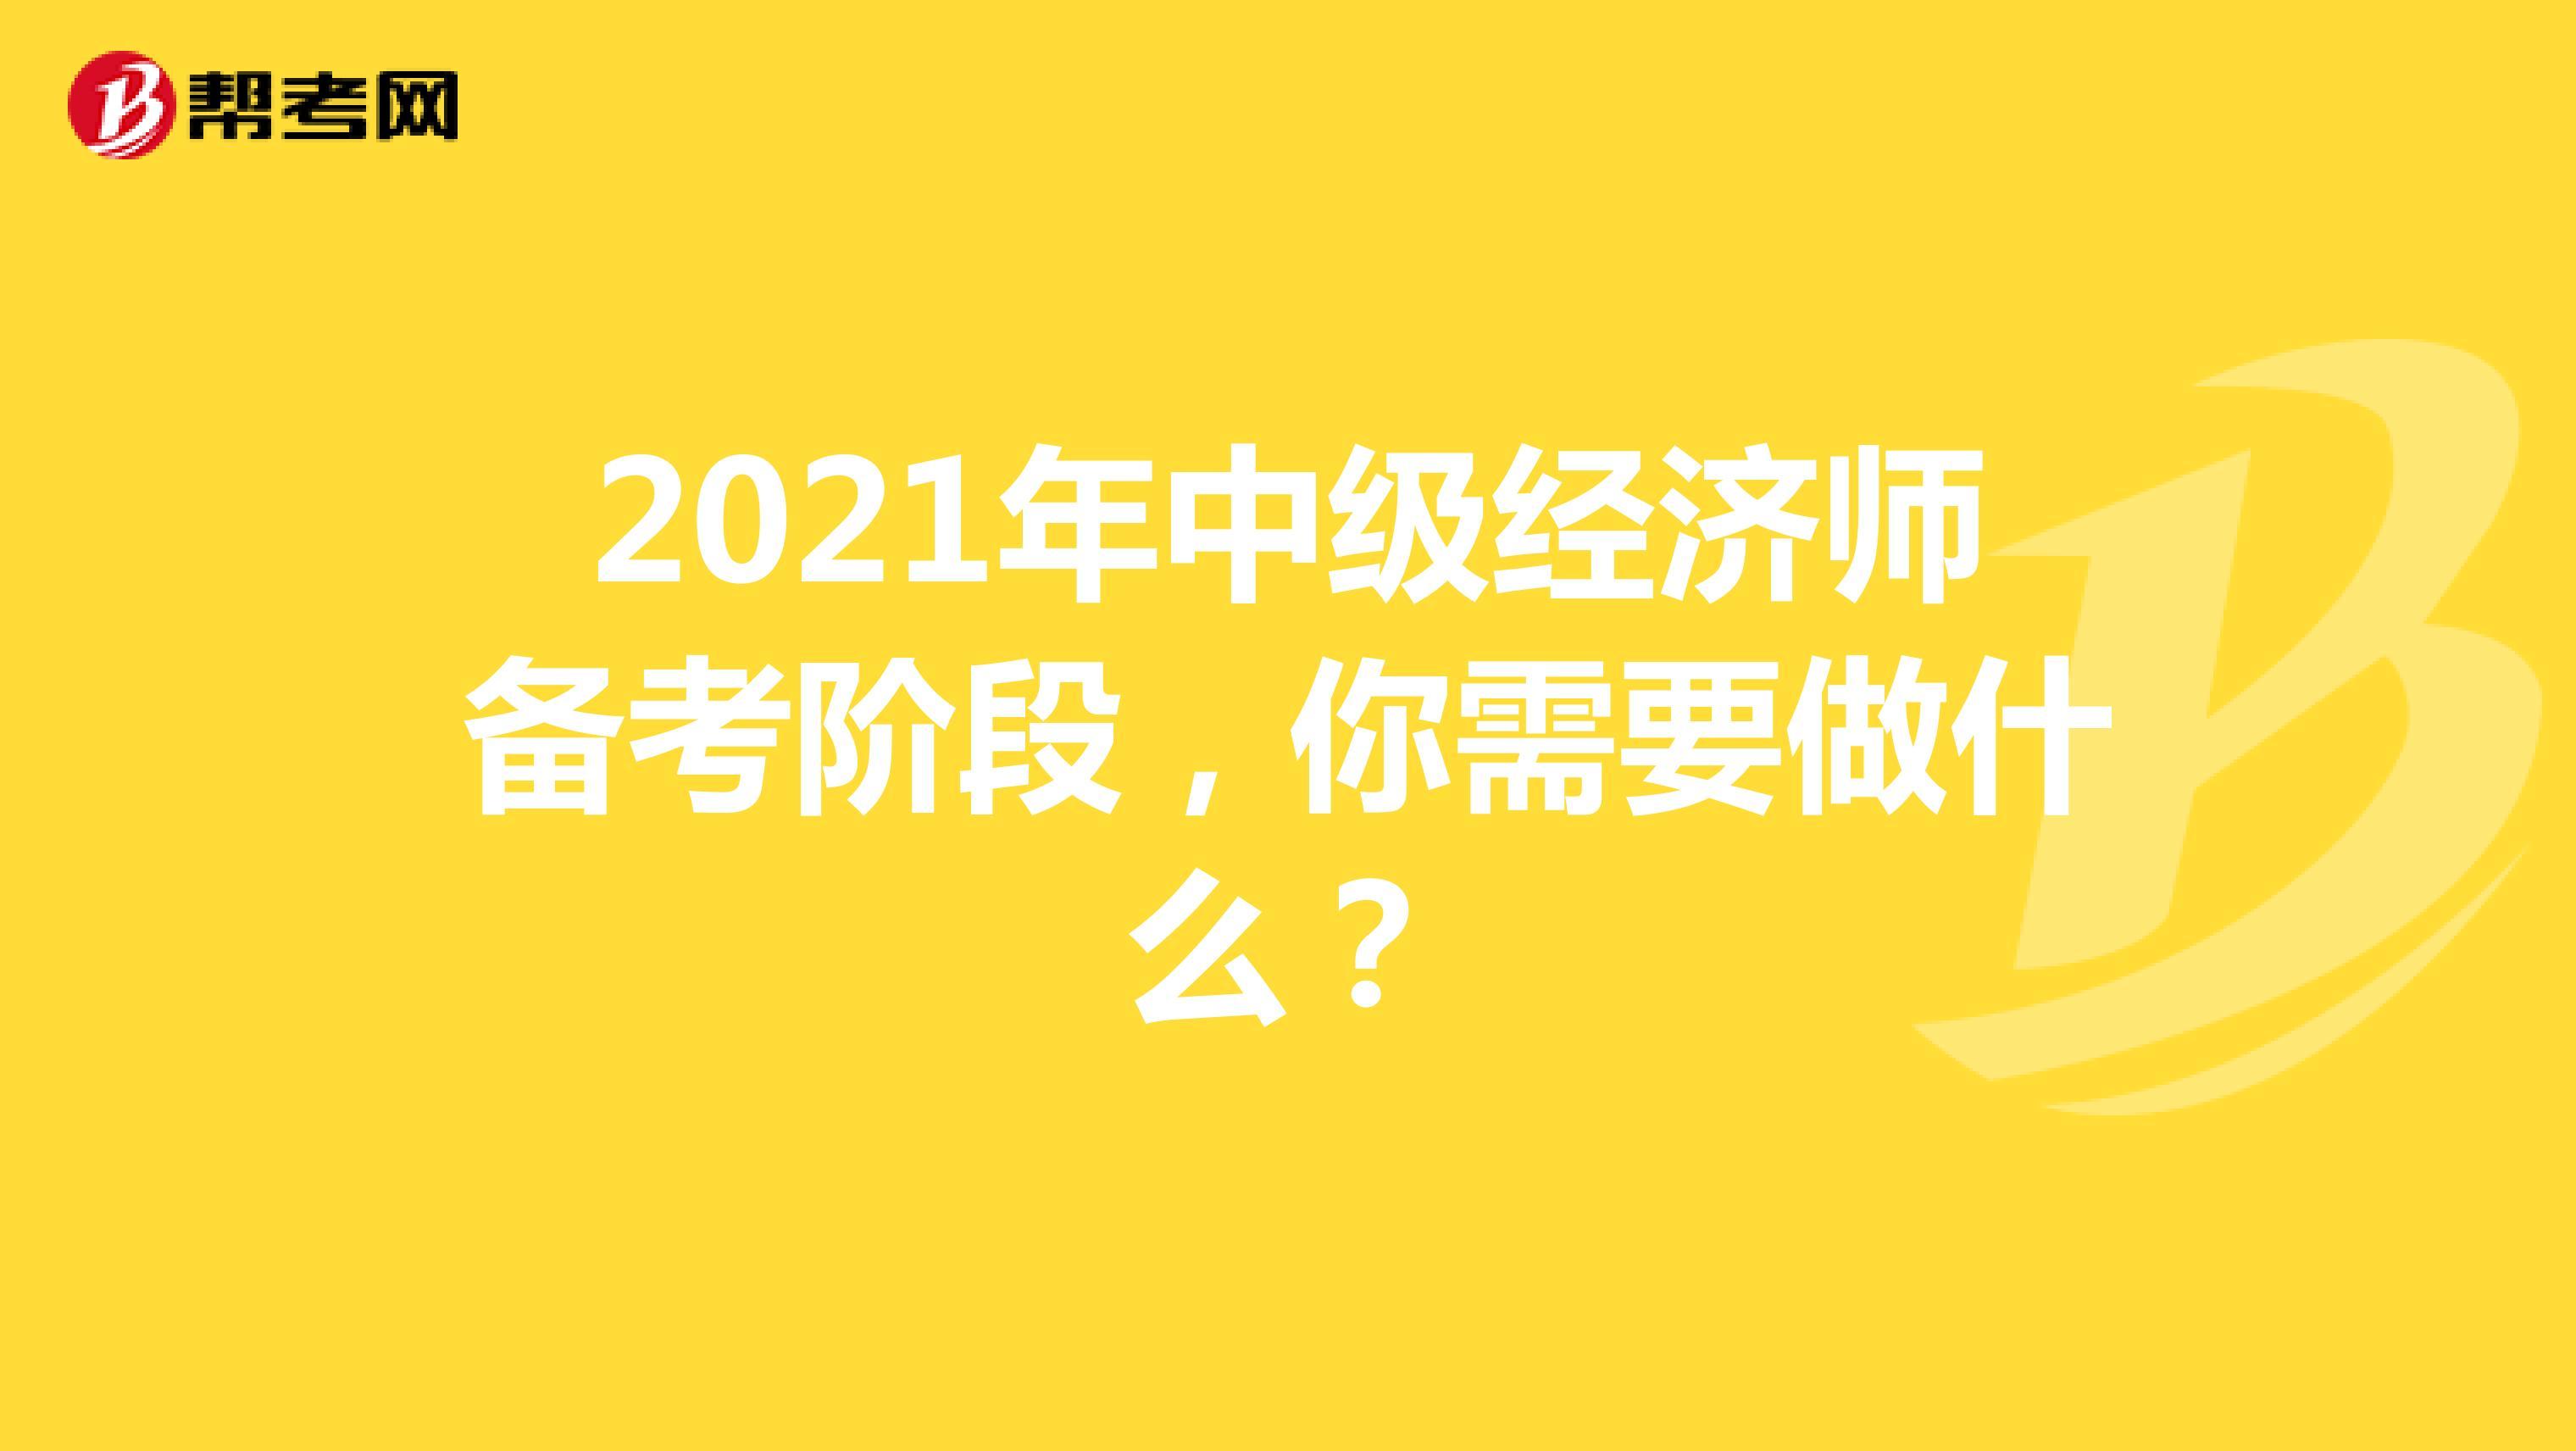 2021年(hot88电竞官网)中级经济师备考阶段,你需要做什么?